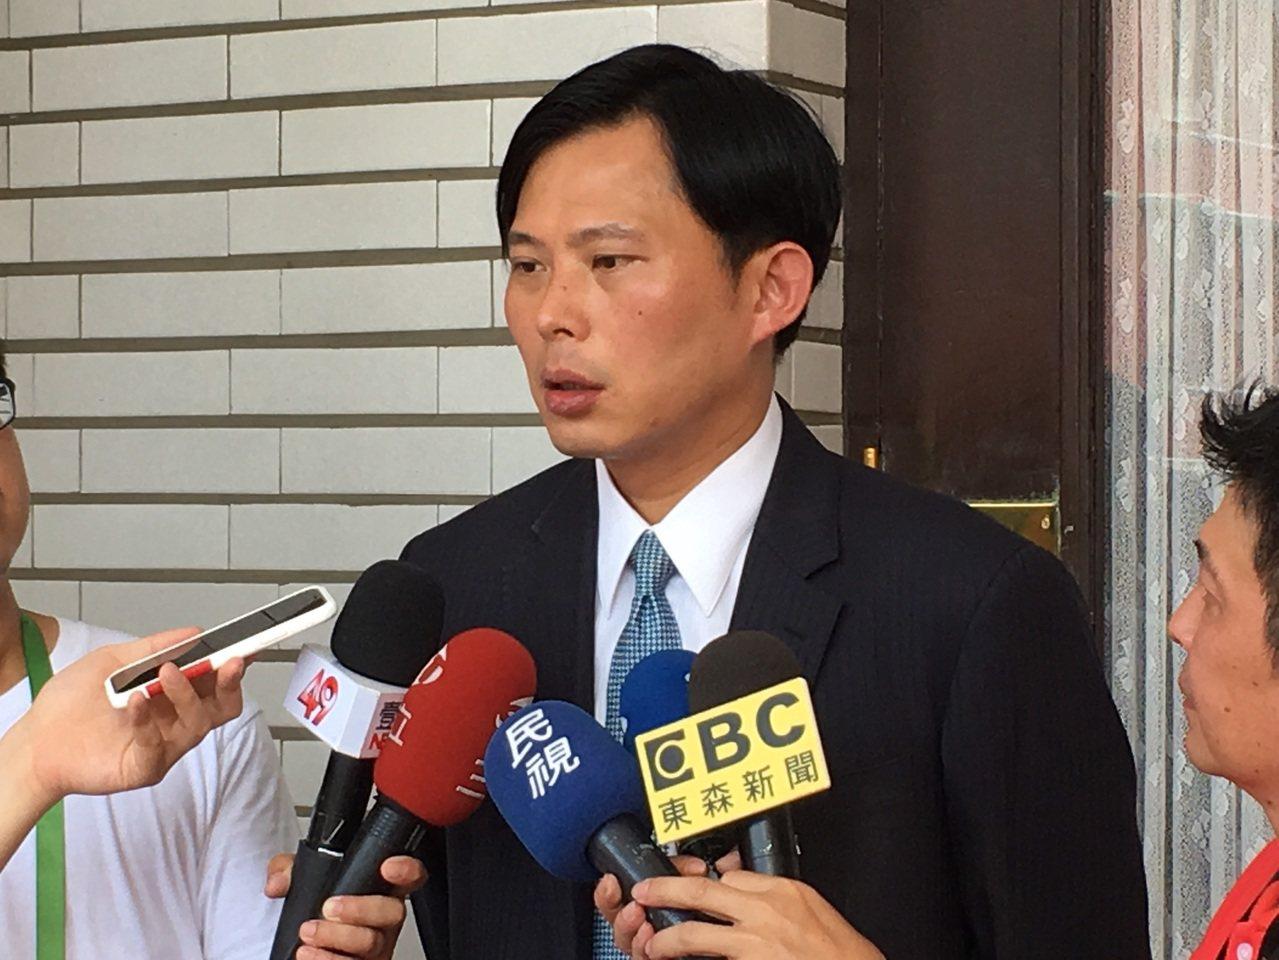 時代力量立委黃國昌。記者蔡晉宇/攝影